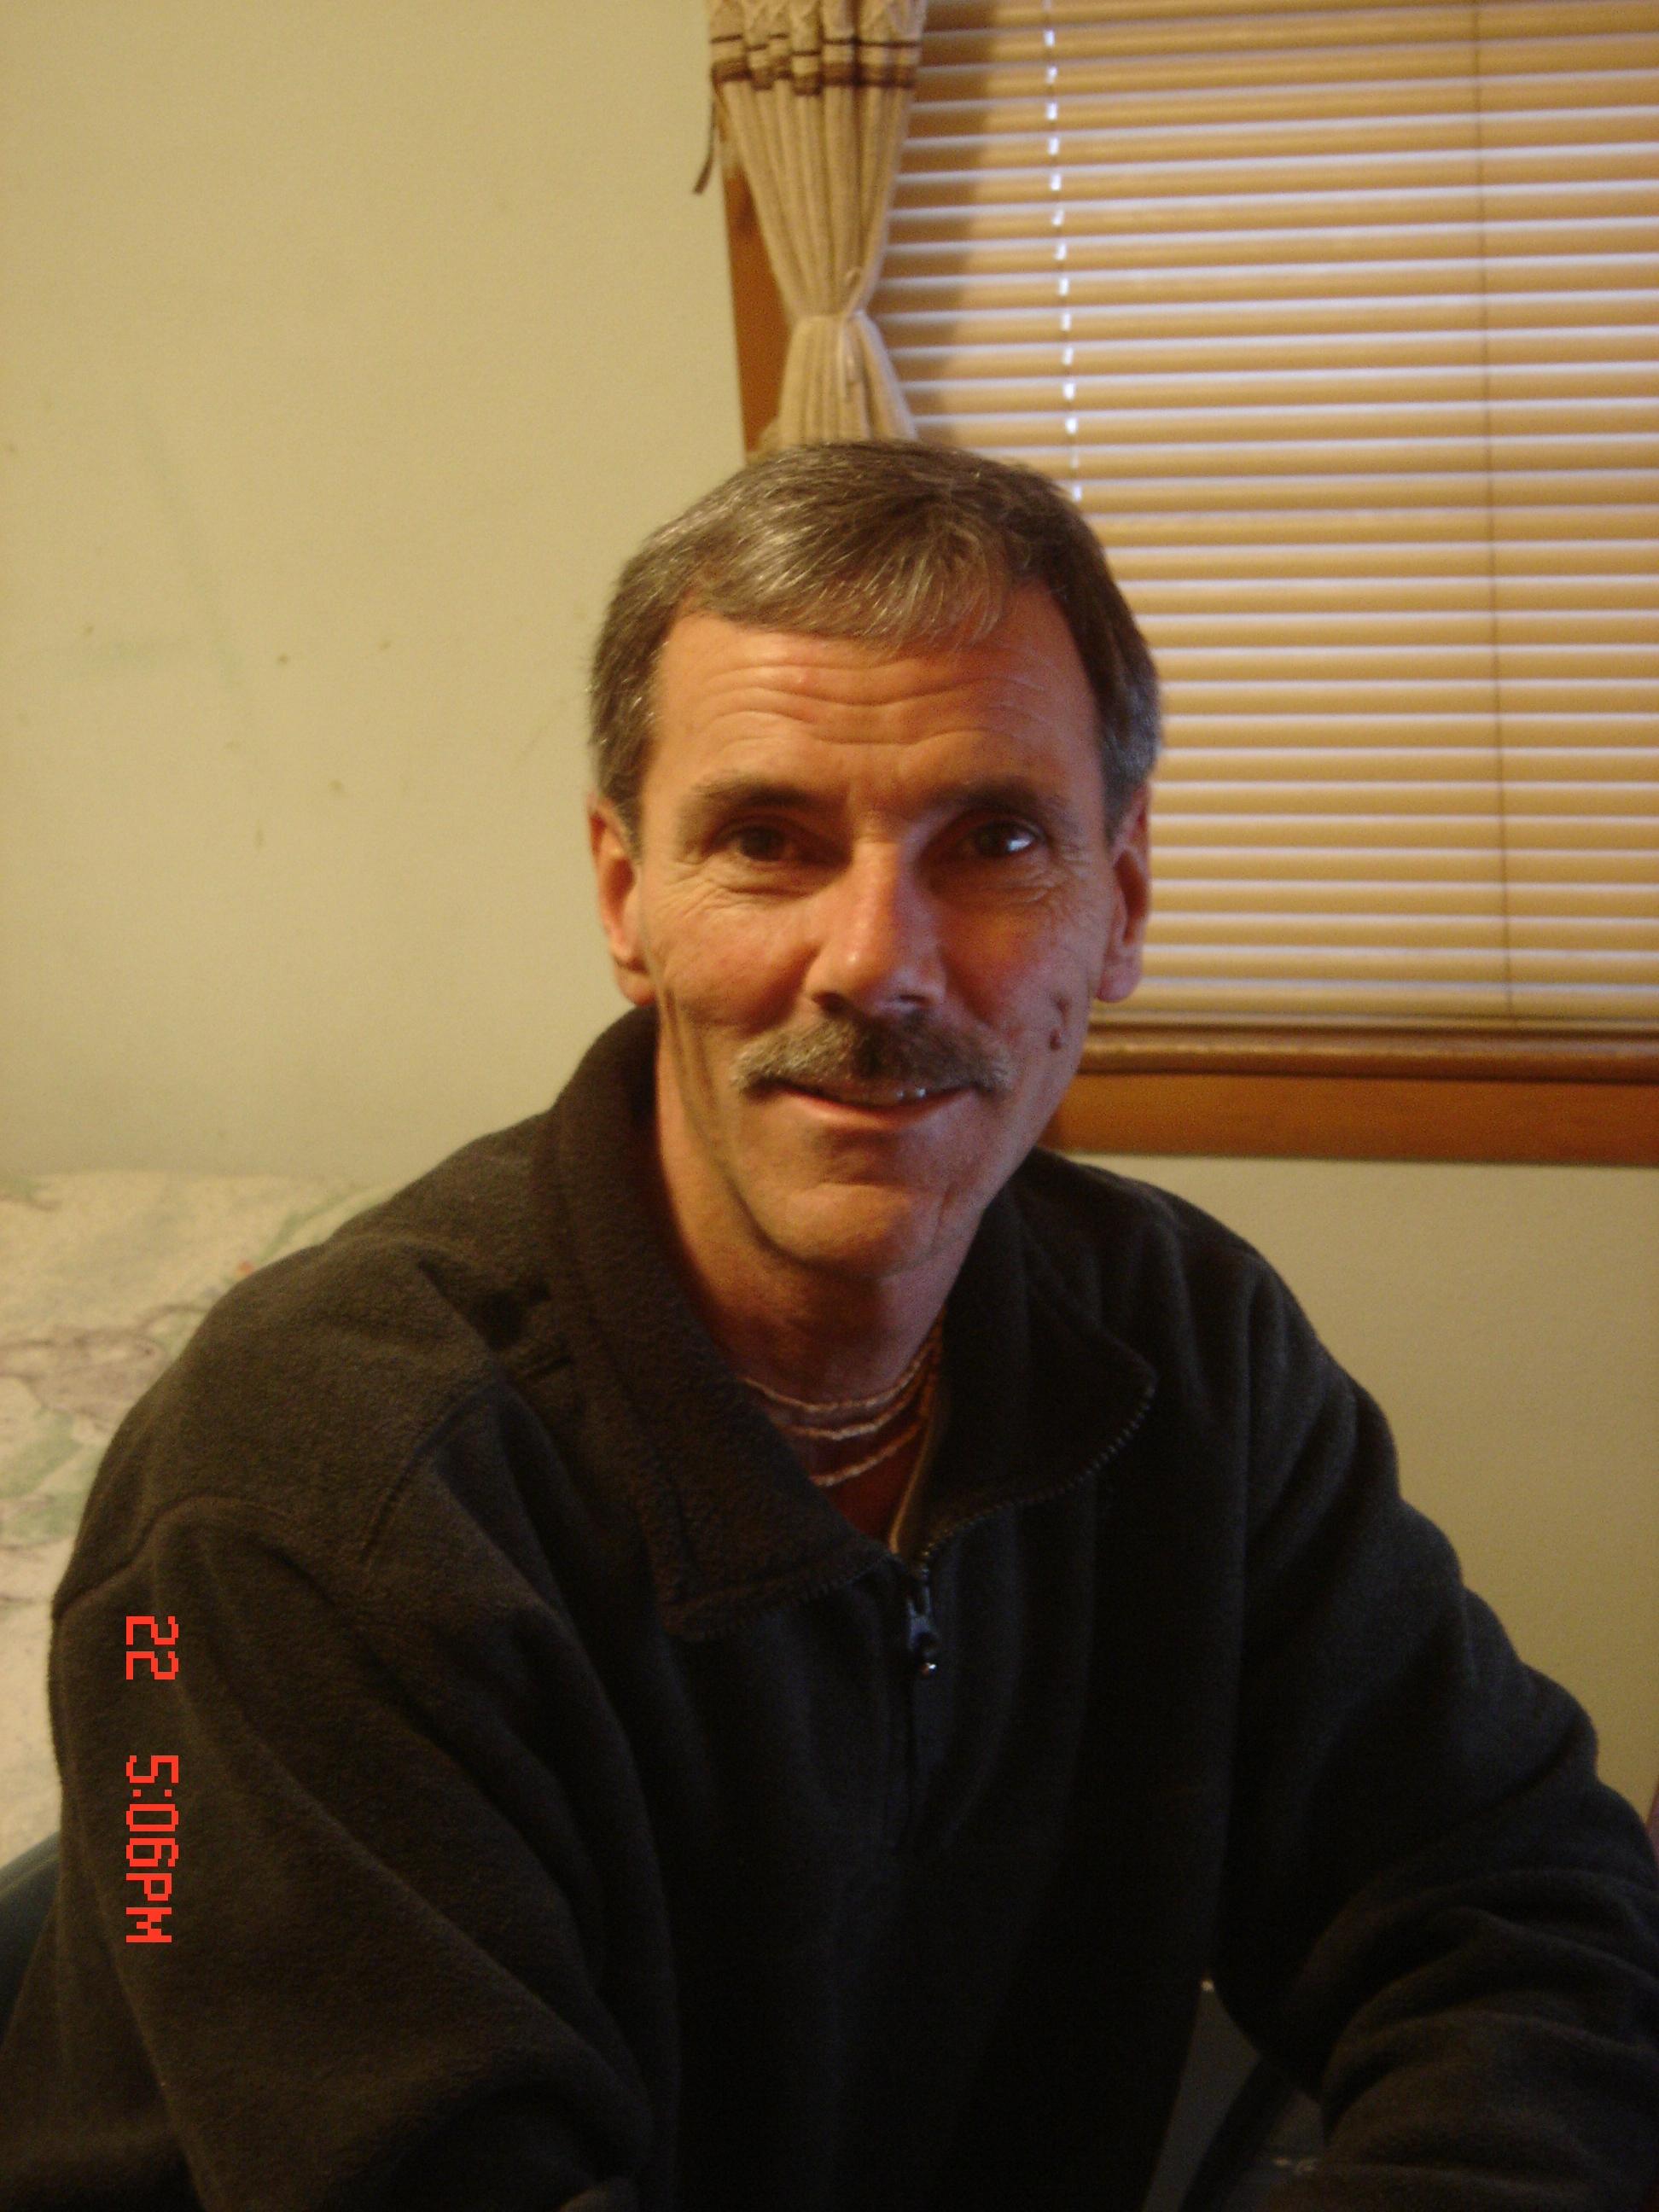 William Helminger